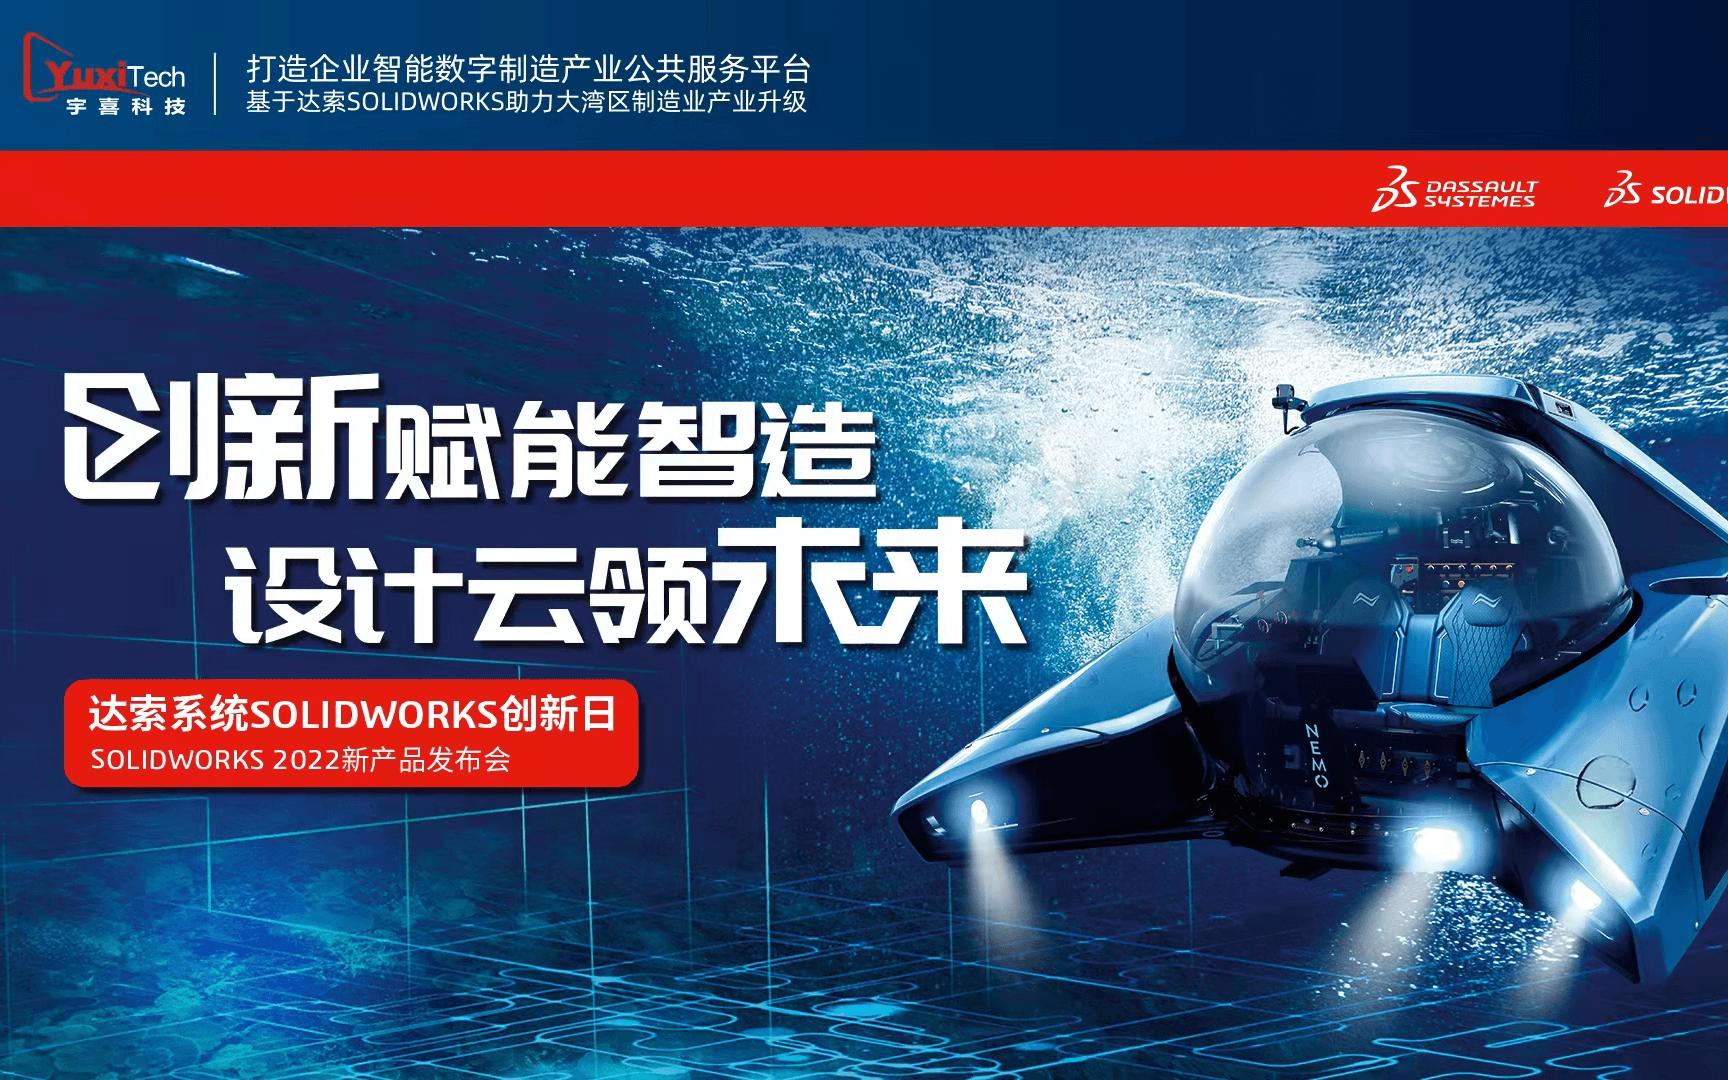 达索系统SOLIDWORKS 2022新产品发布会 深圳站